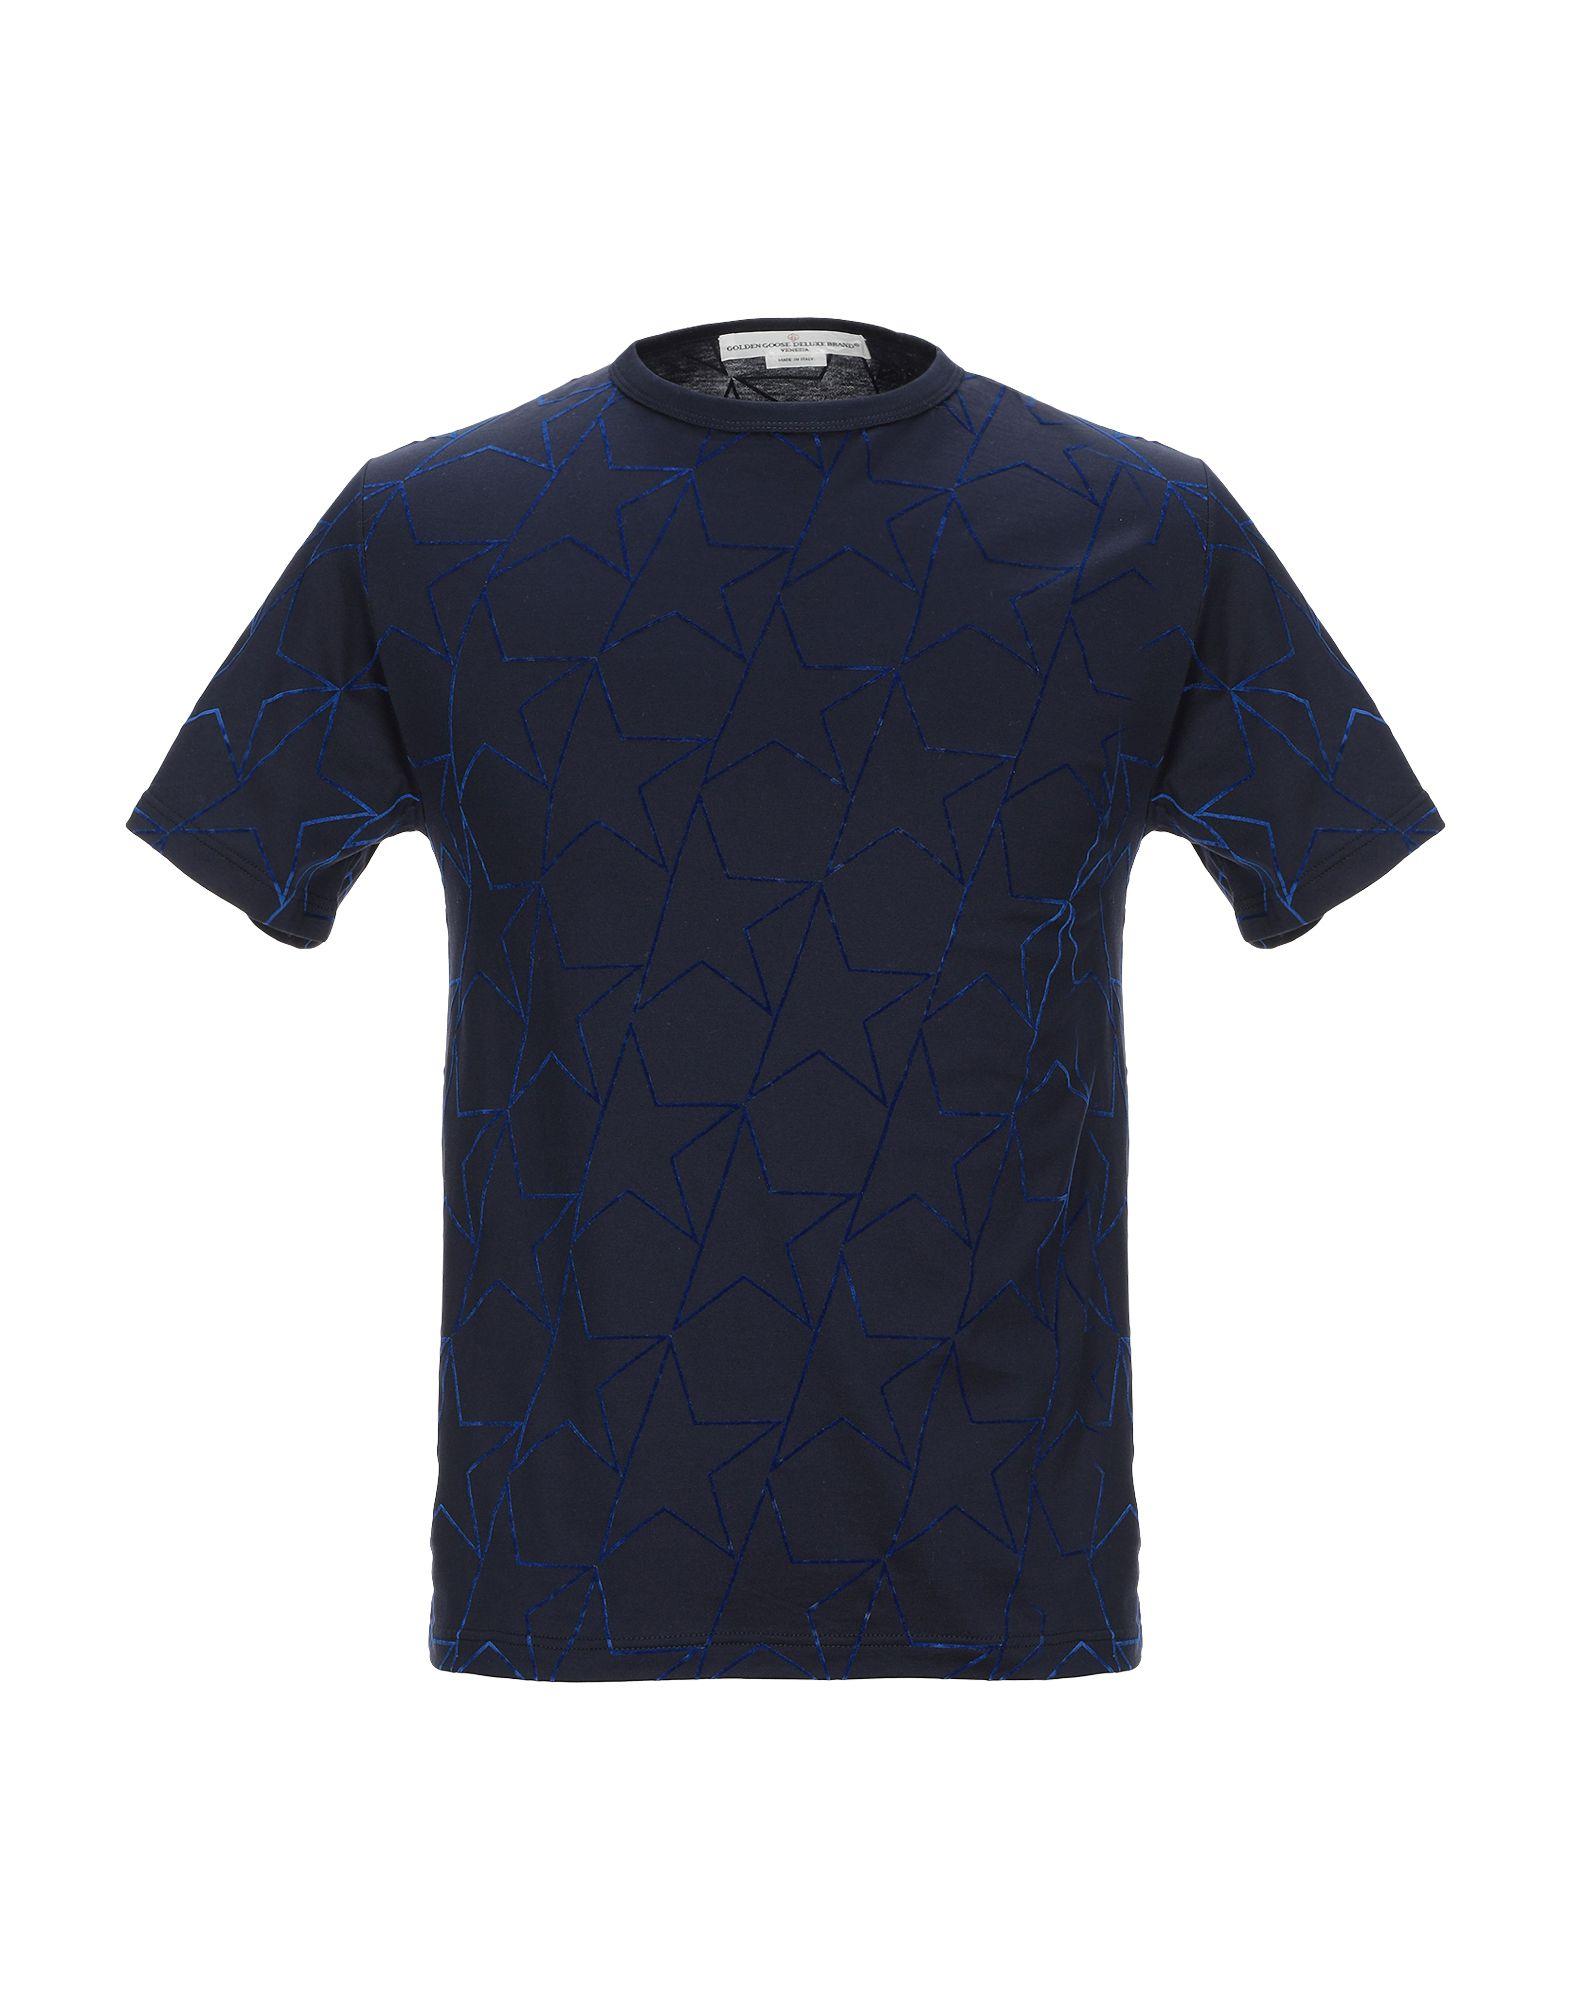 GOLDEN GOOSE DELUXE BRAND Футболка футболка golden goose deluxe brand